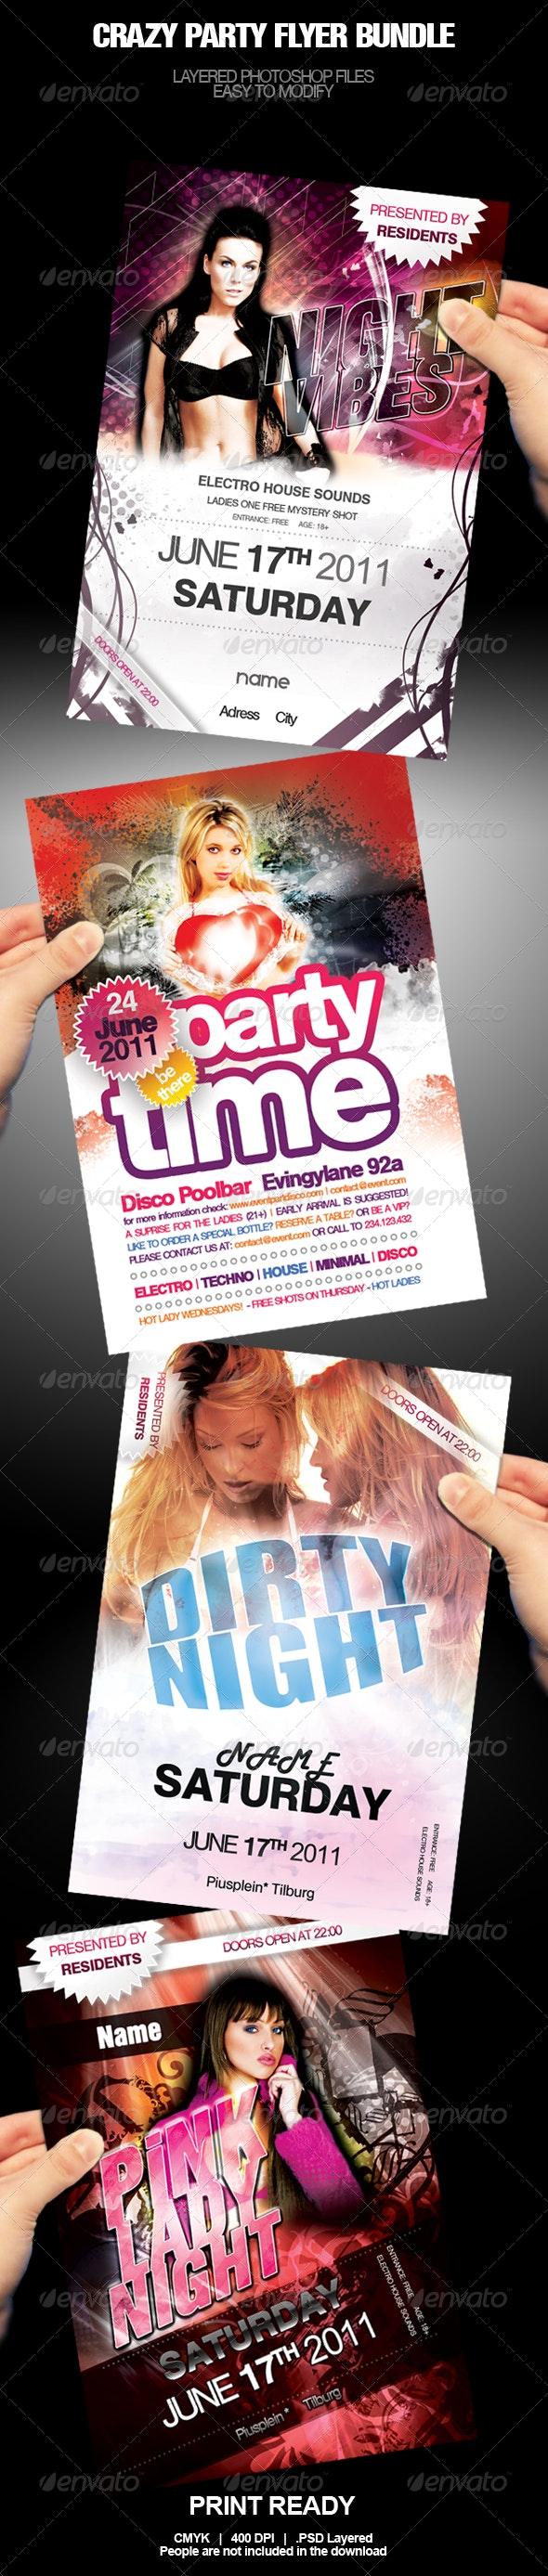 Crazy Party Flyer Bundle - Clubs & Parties Events